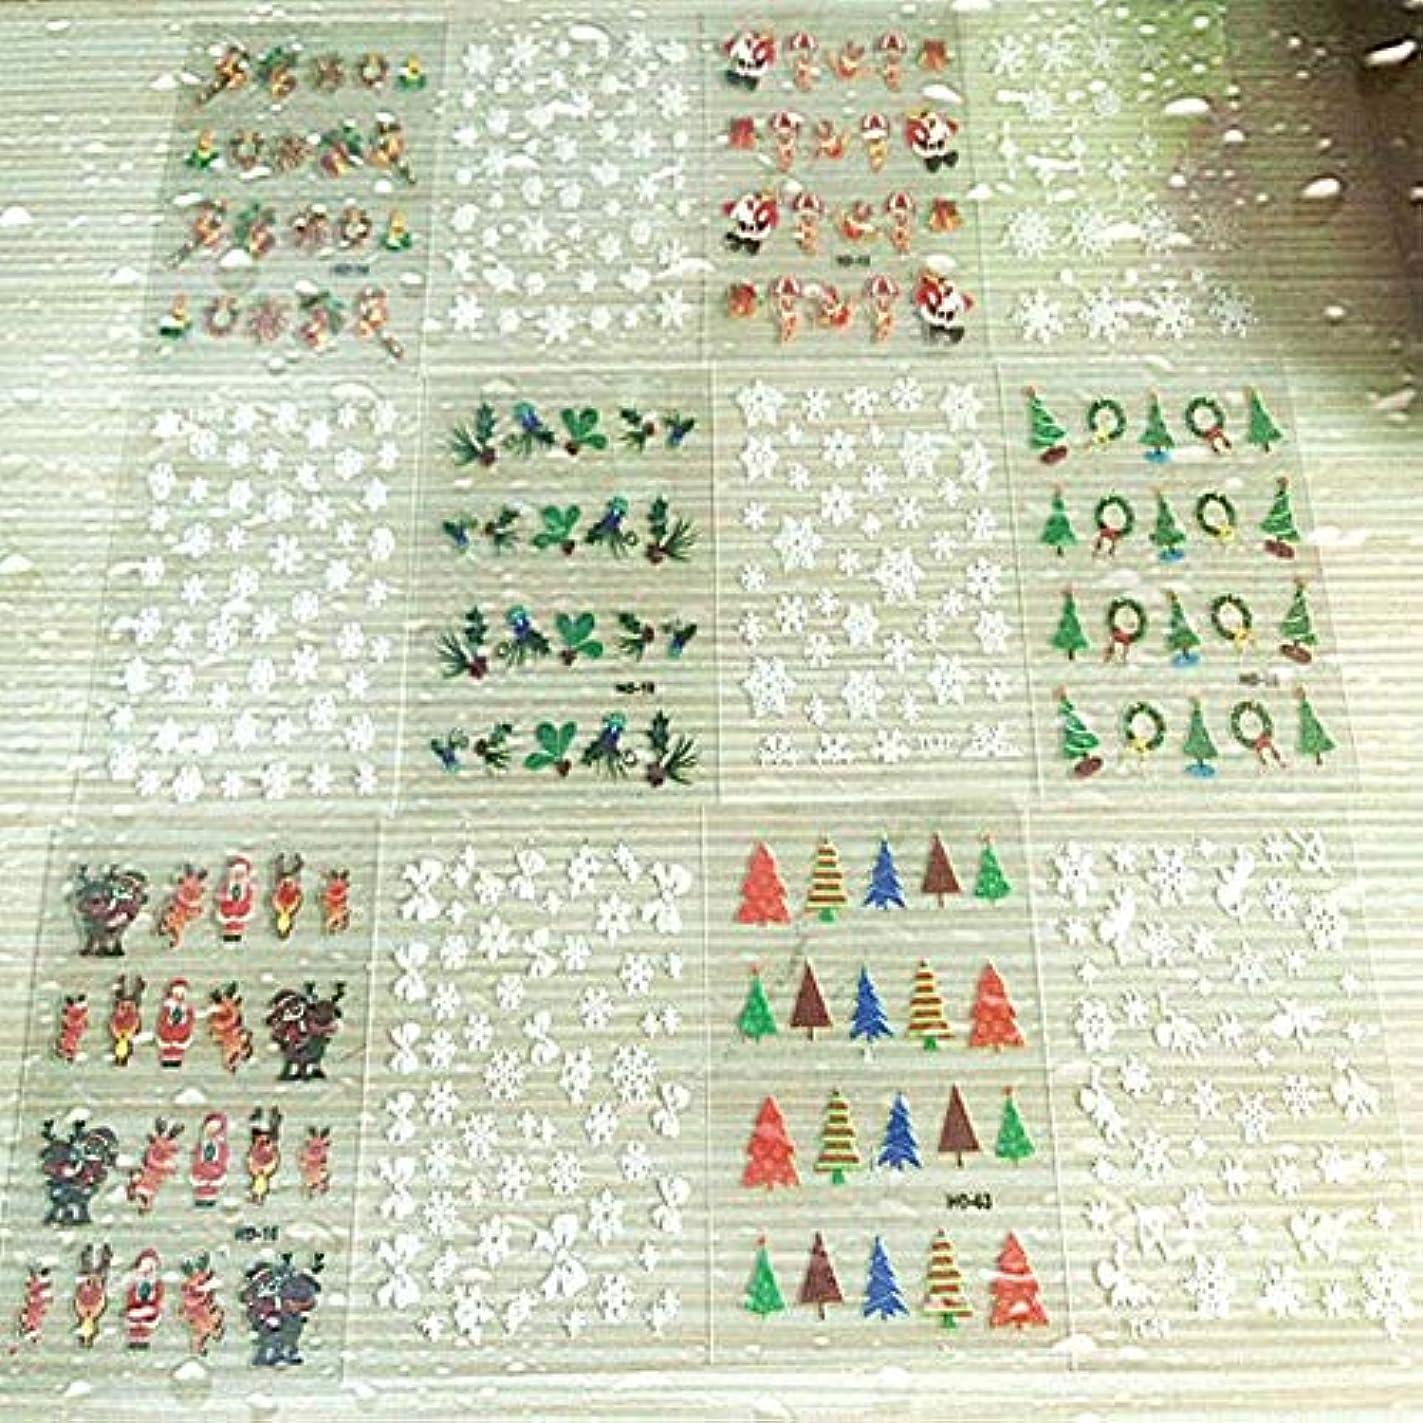 中絶細断保証ACHICOO ネイルアート ステッカー セット 混合 3D クリスマス ステッカー ネイルデコレーション マニキュア デカール 12個/セット 2#